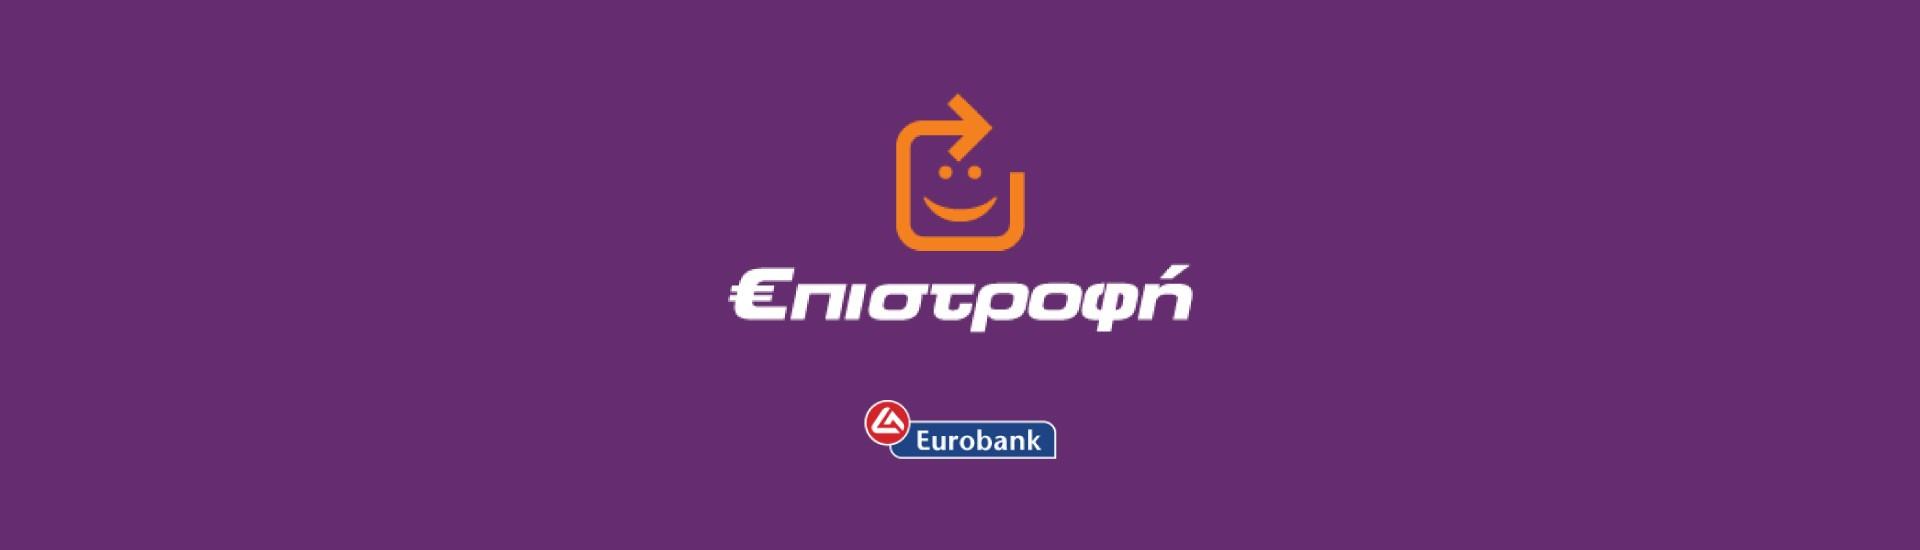 5% Επιστροφή Eurobank